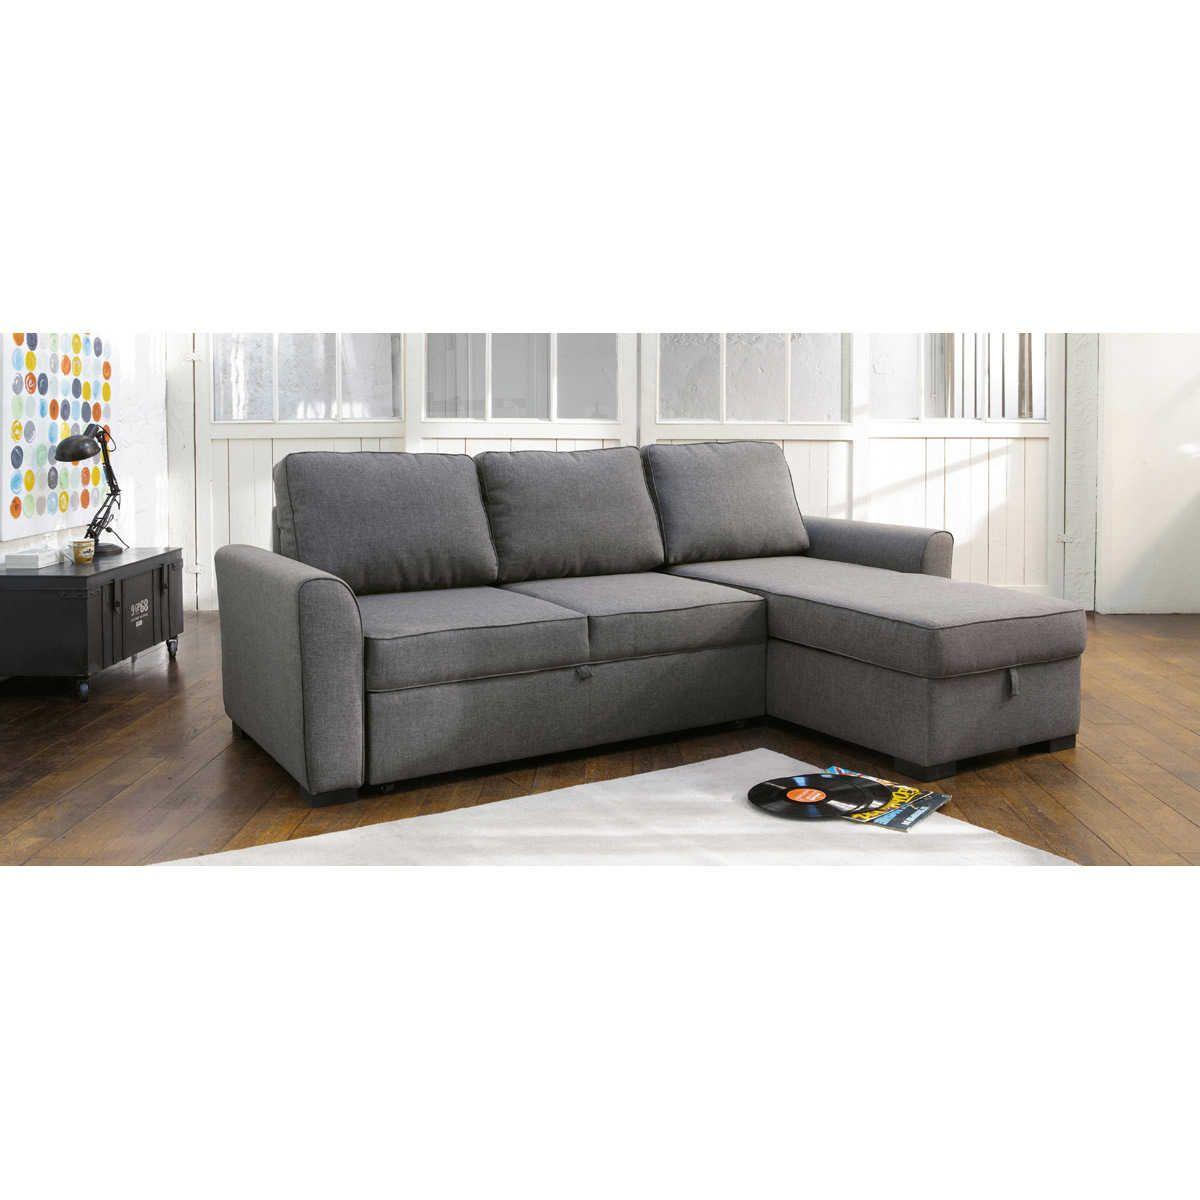 Divano angolari trasformabile grigio in tessuto 3 4 posti divano sala pinterest salons - Divano letto 160 cm mondo convenienza ...